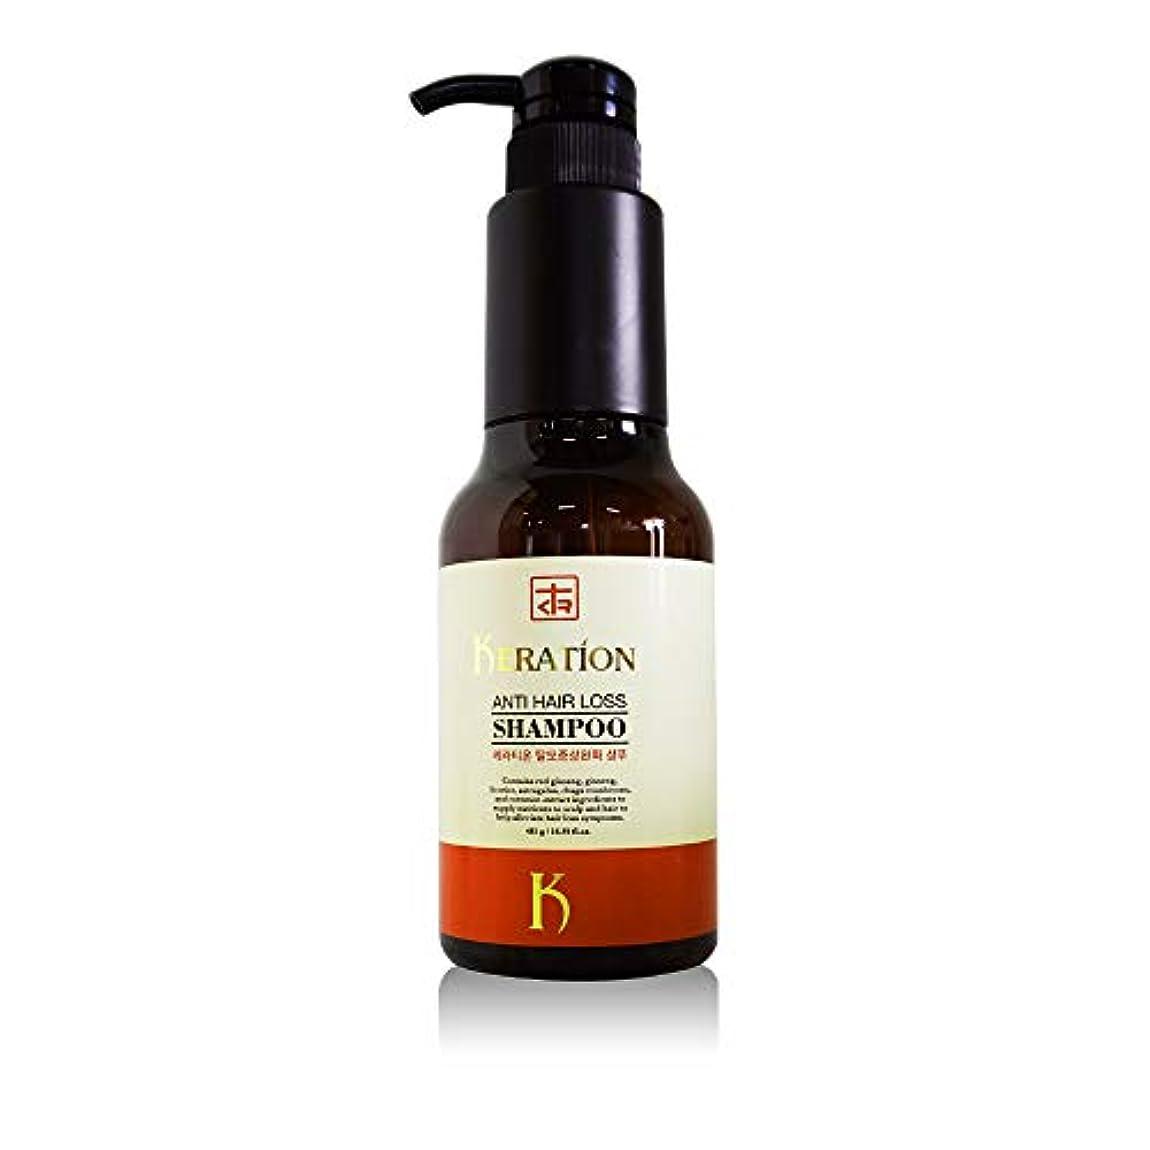 被害者盲信マウンドKeration アンチ抜け毛シャンプー485ml (Keration Anti Hair Loss Shampoo -6 kinds of herbal extracts) [並行輸入品]